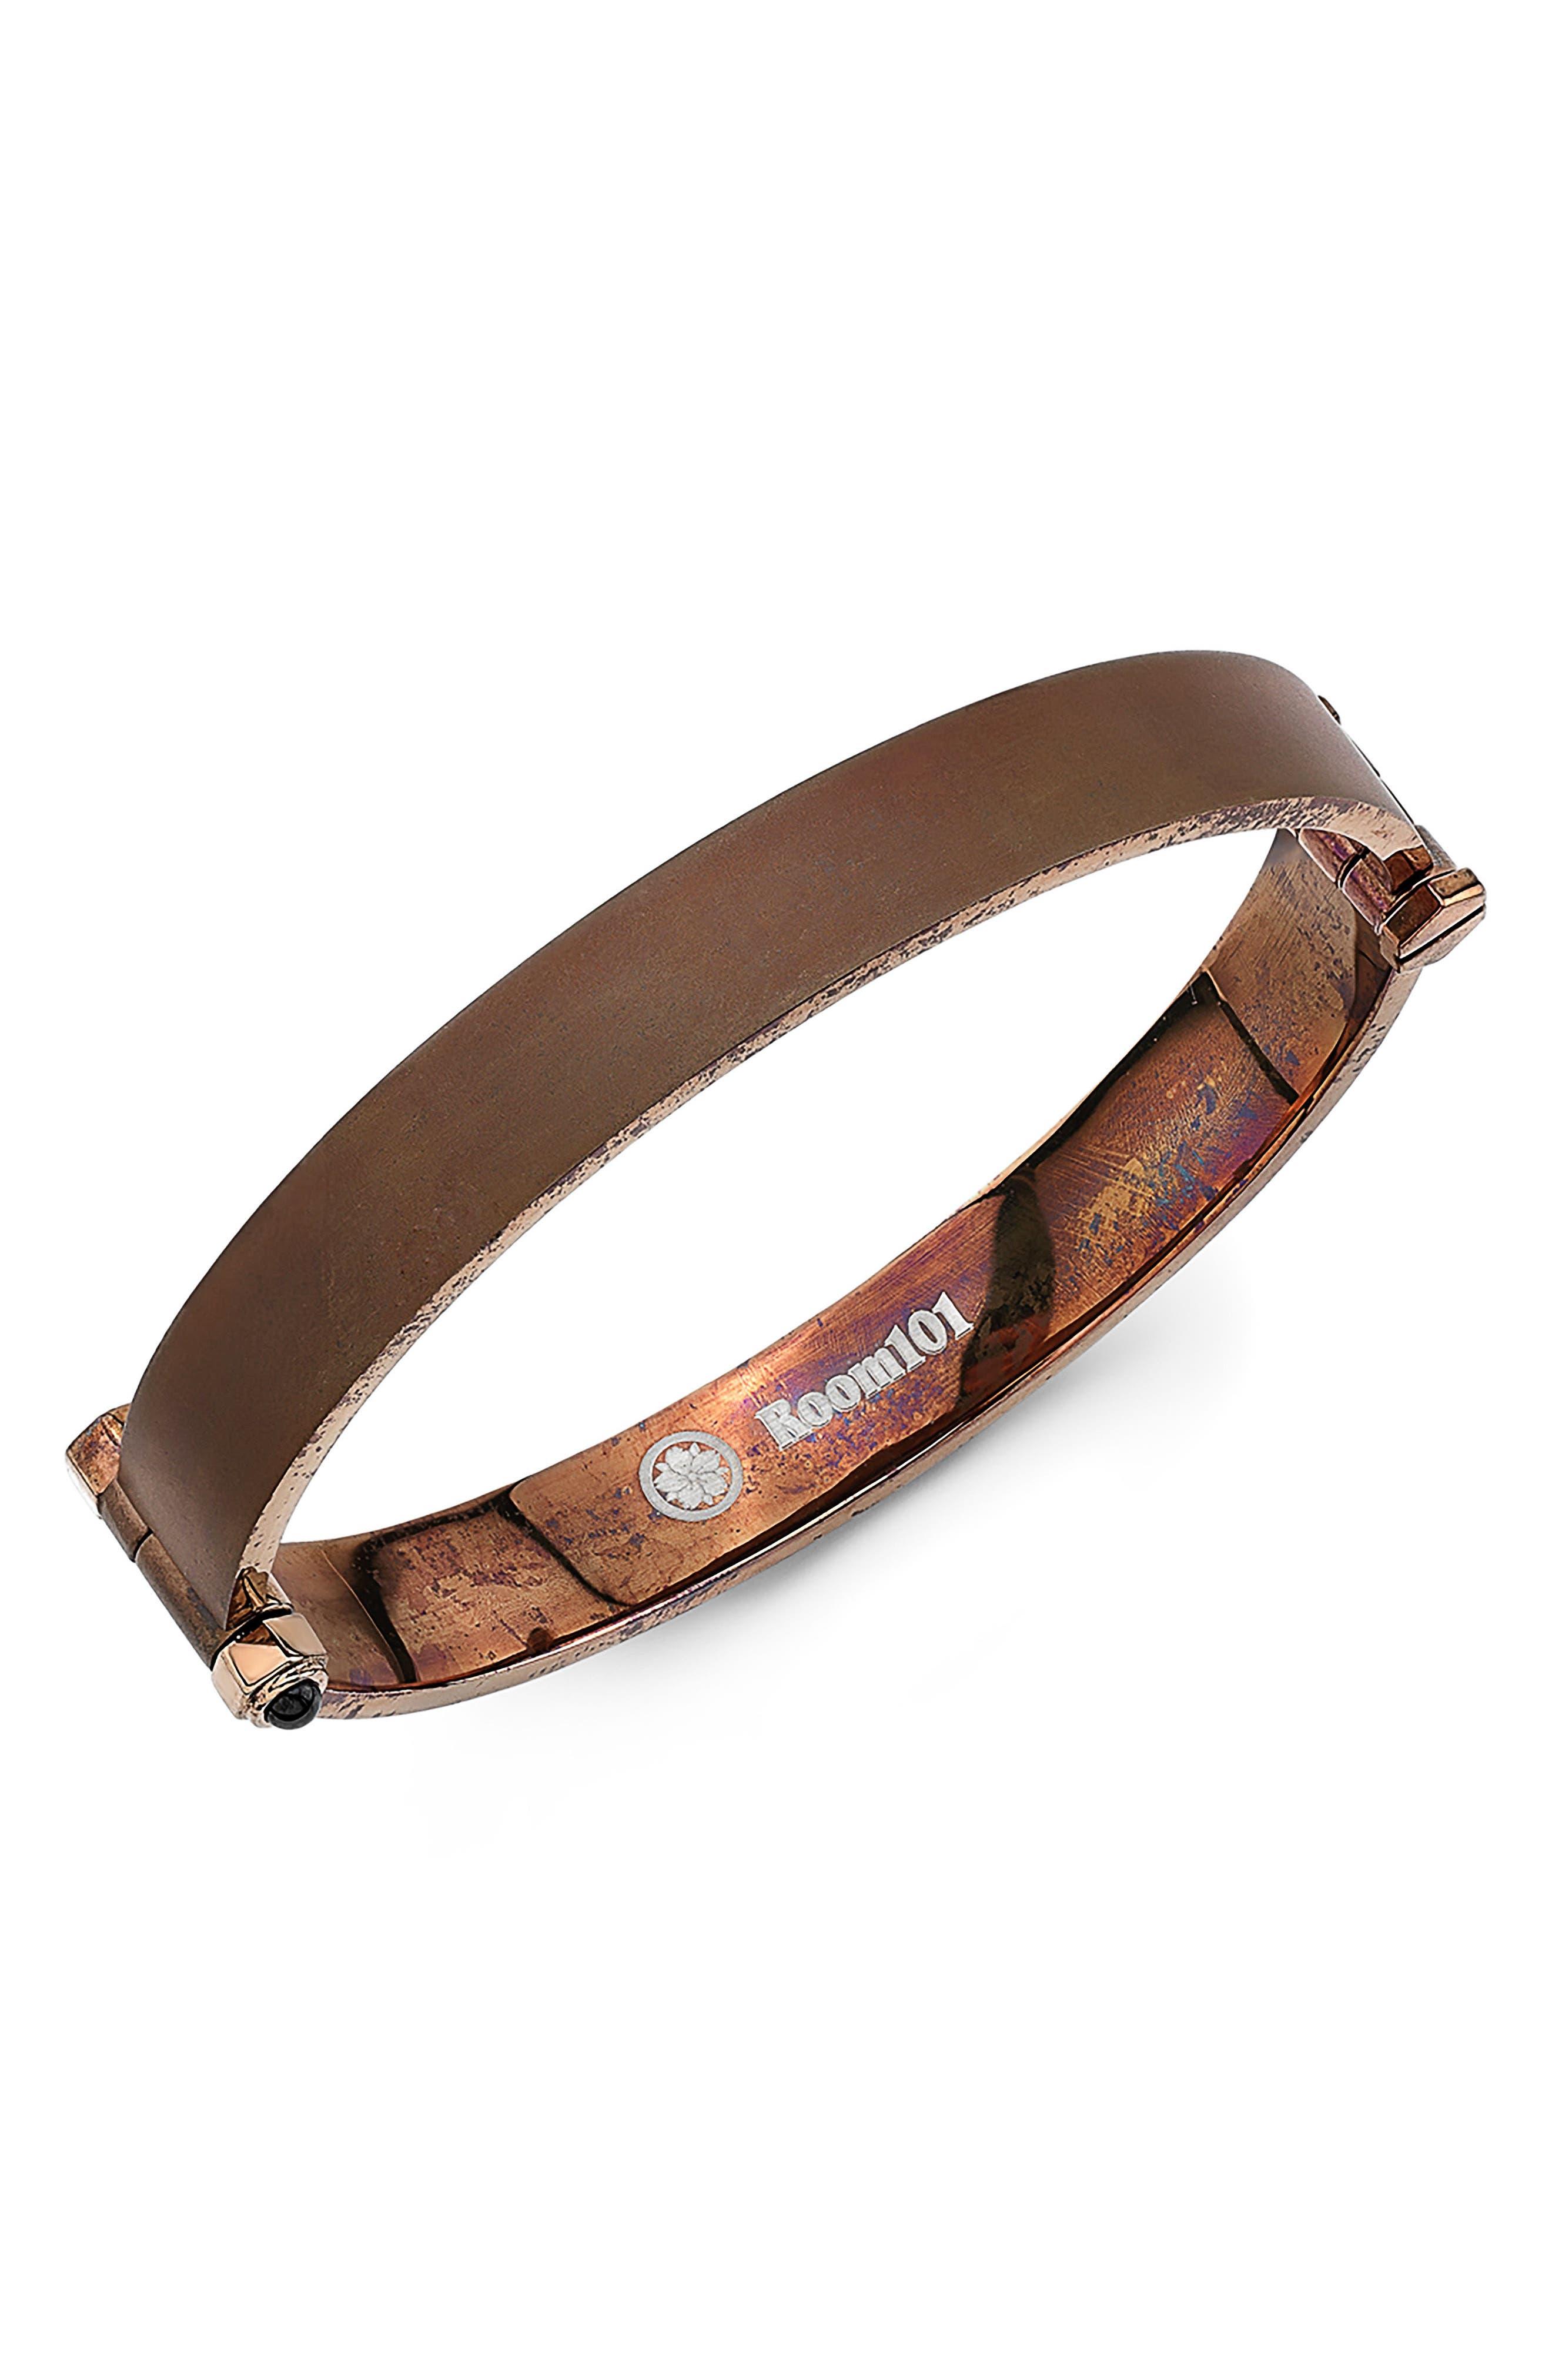 Main Image - Room101 Flat Bangle Bracelet